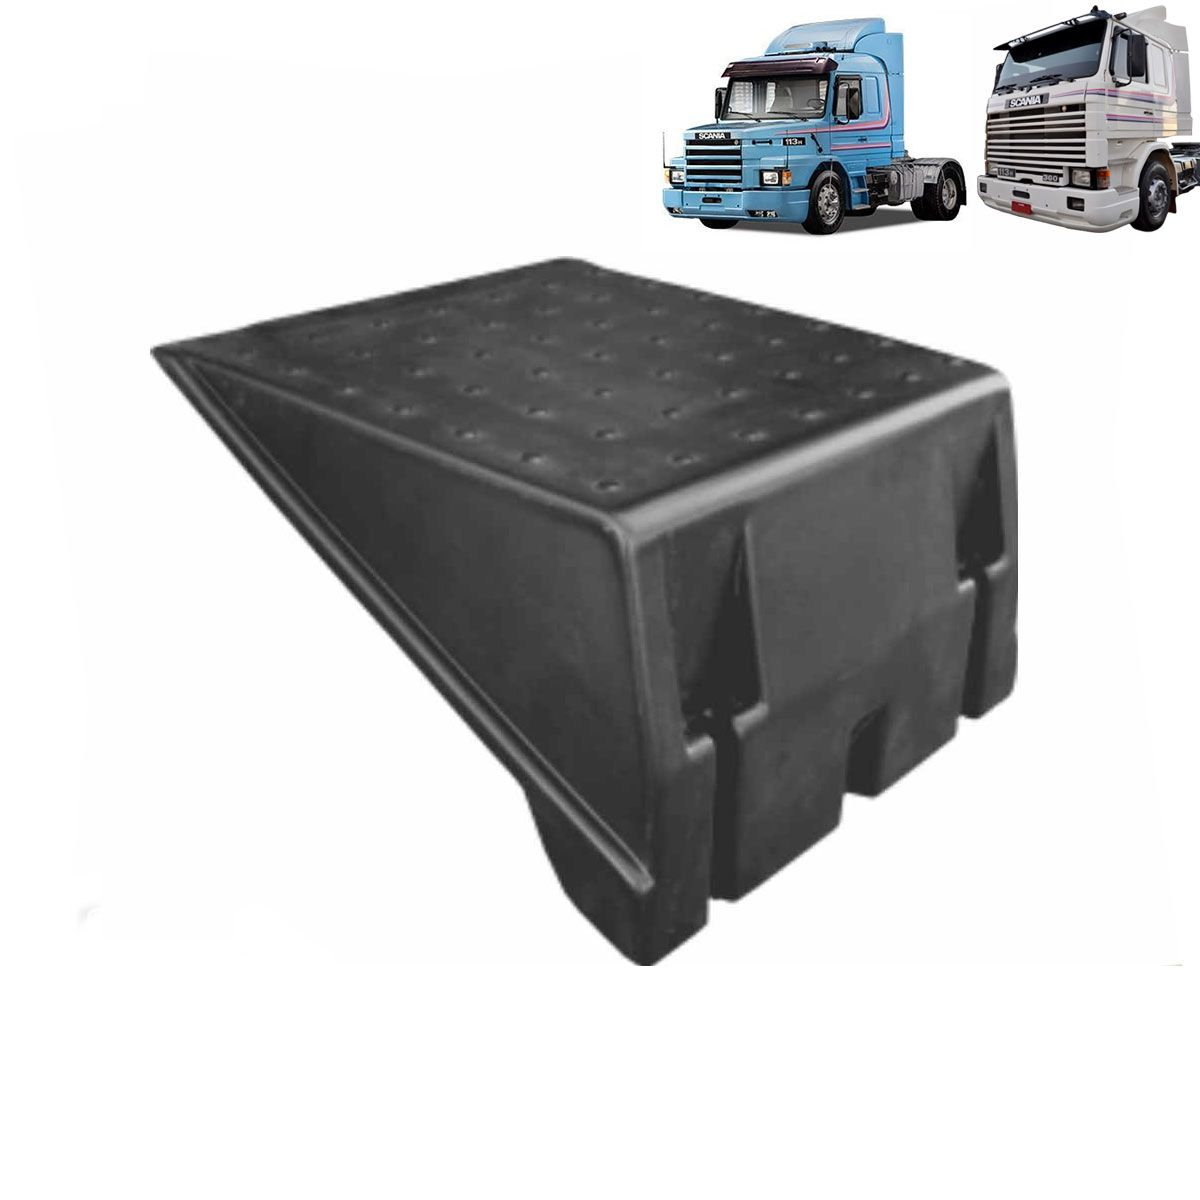 Tampa Caixa de Bateria Compatível com o Caminhão Scania 113 R/T